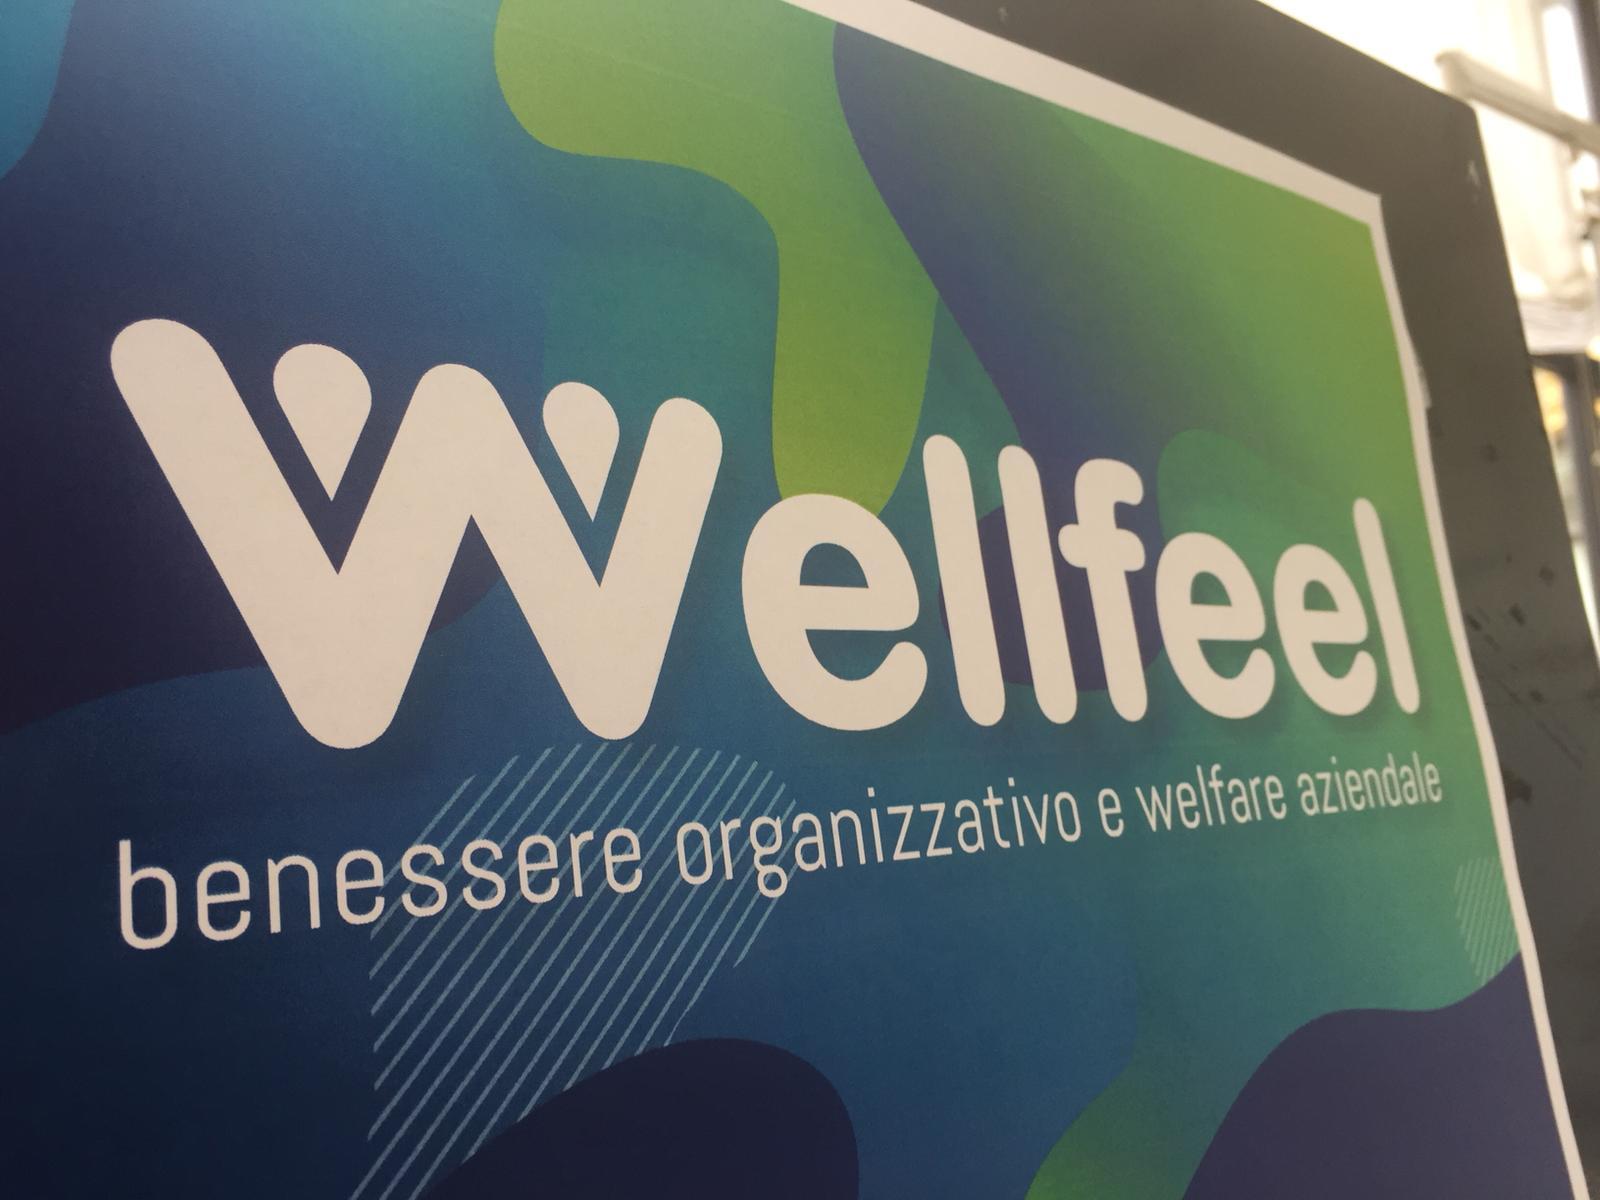 wellfeel 2019